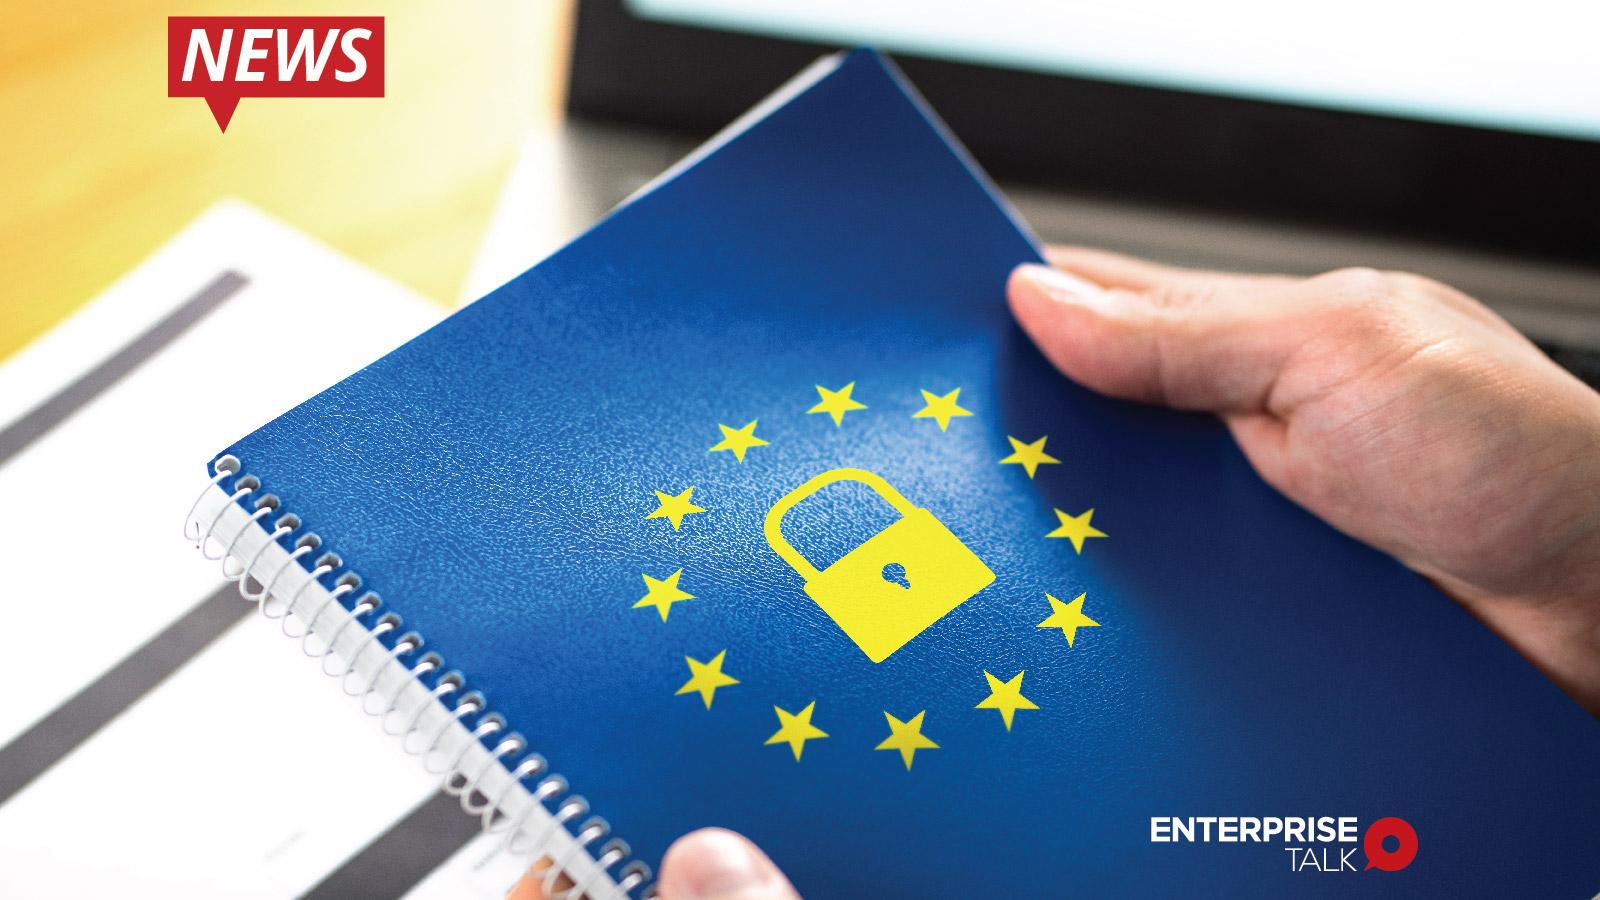 facebook , UK chancellor , EU data protection laws